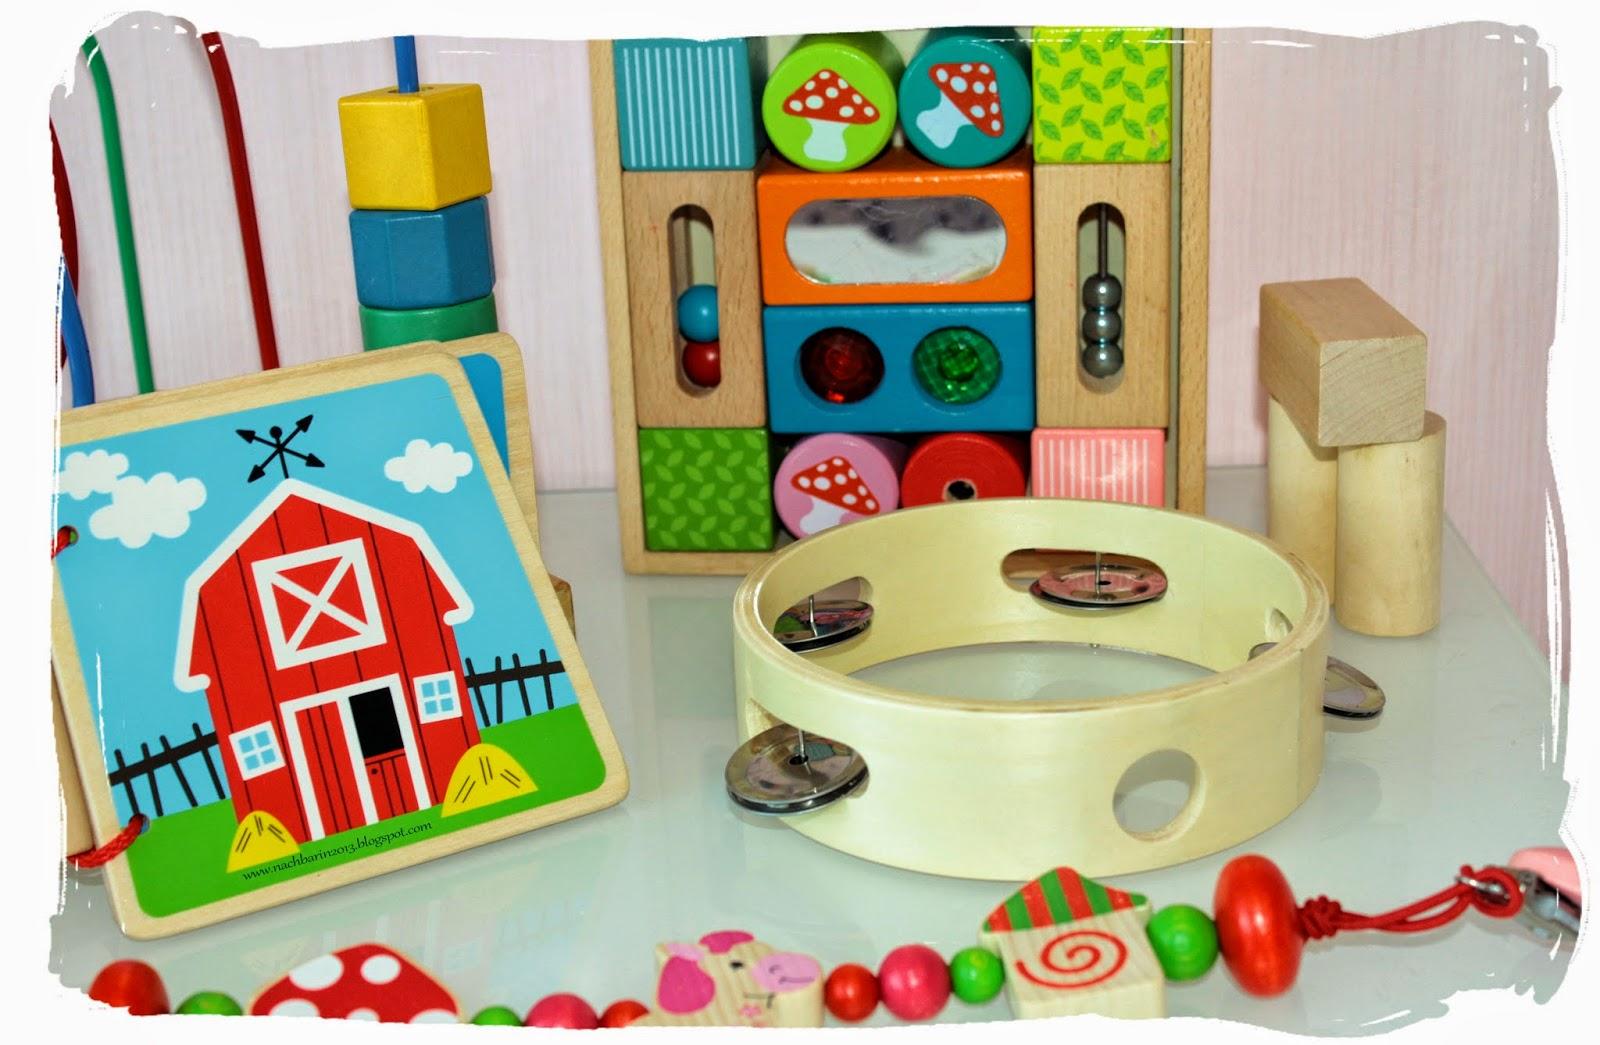 die l stige nachbarin spielideen holzspielzeug co baby 1 jahr. Black Bedroom Furniture Sets. Home Design Ideas